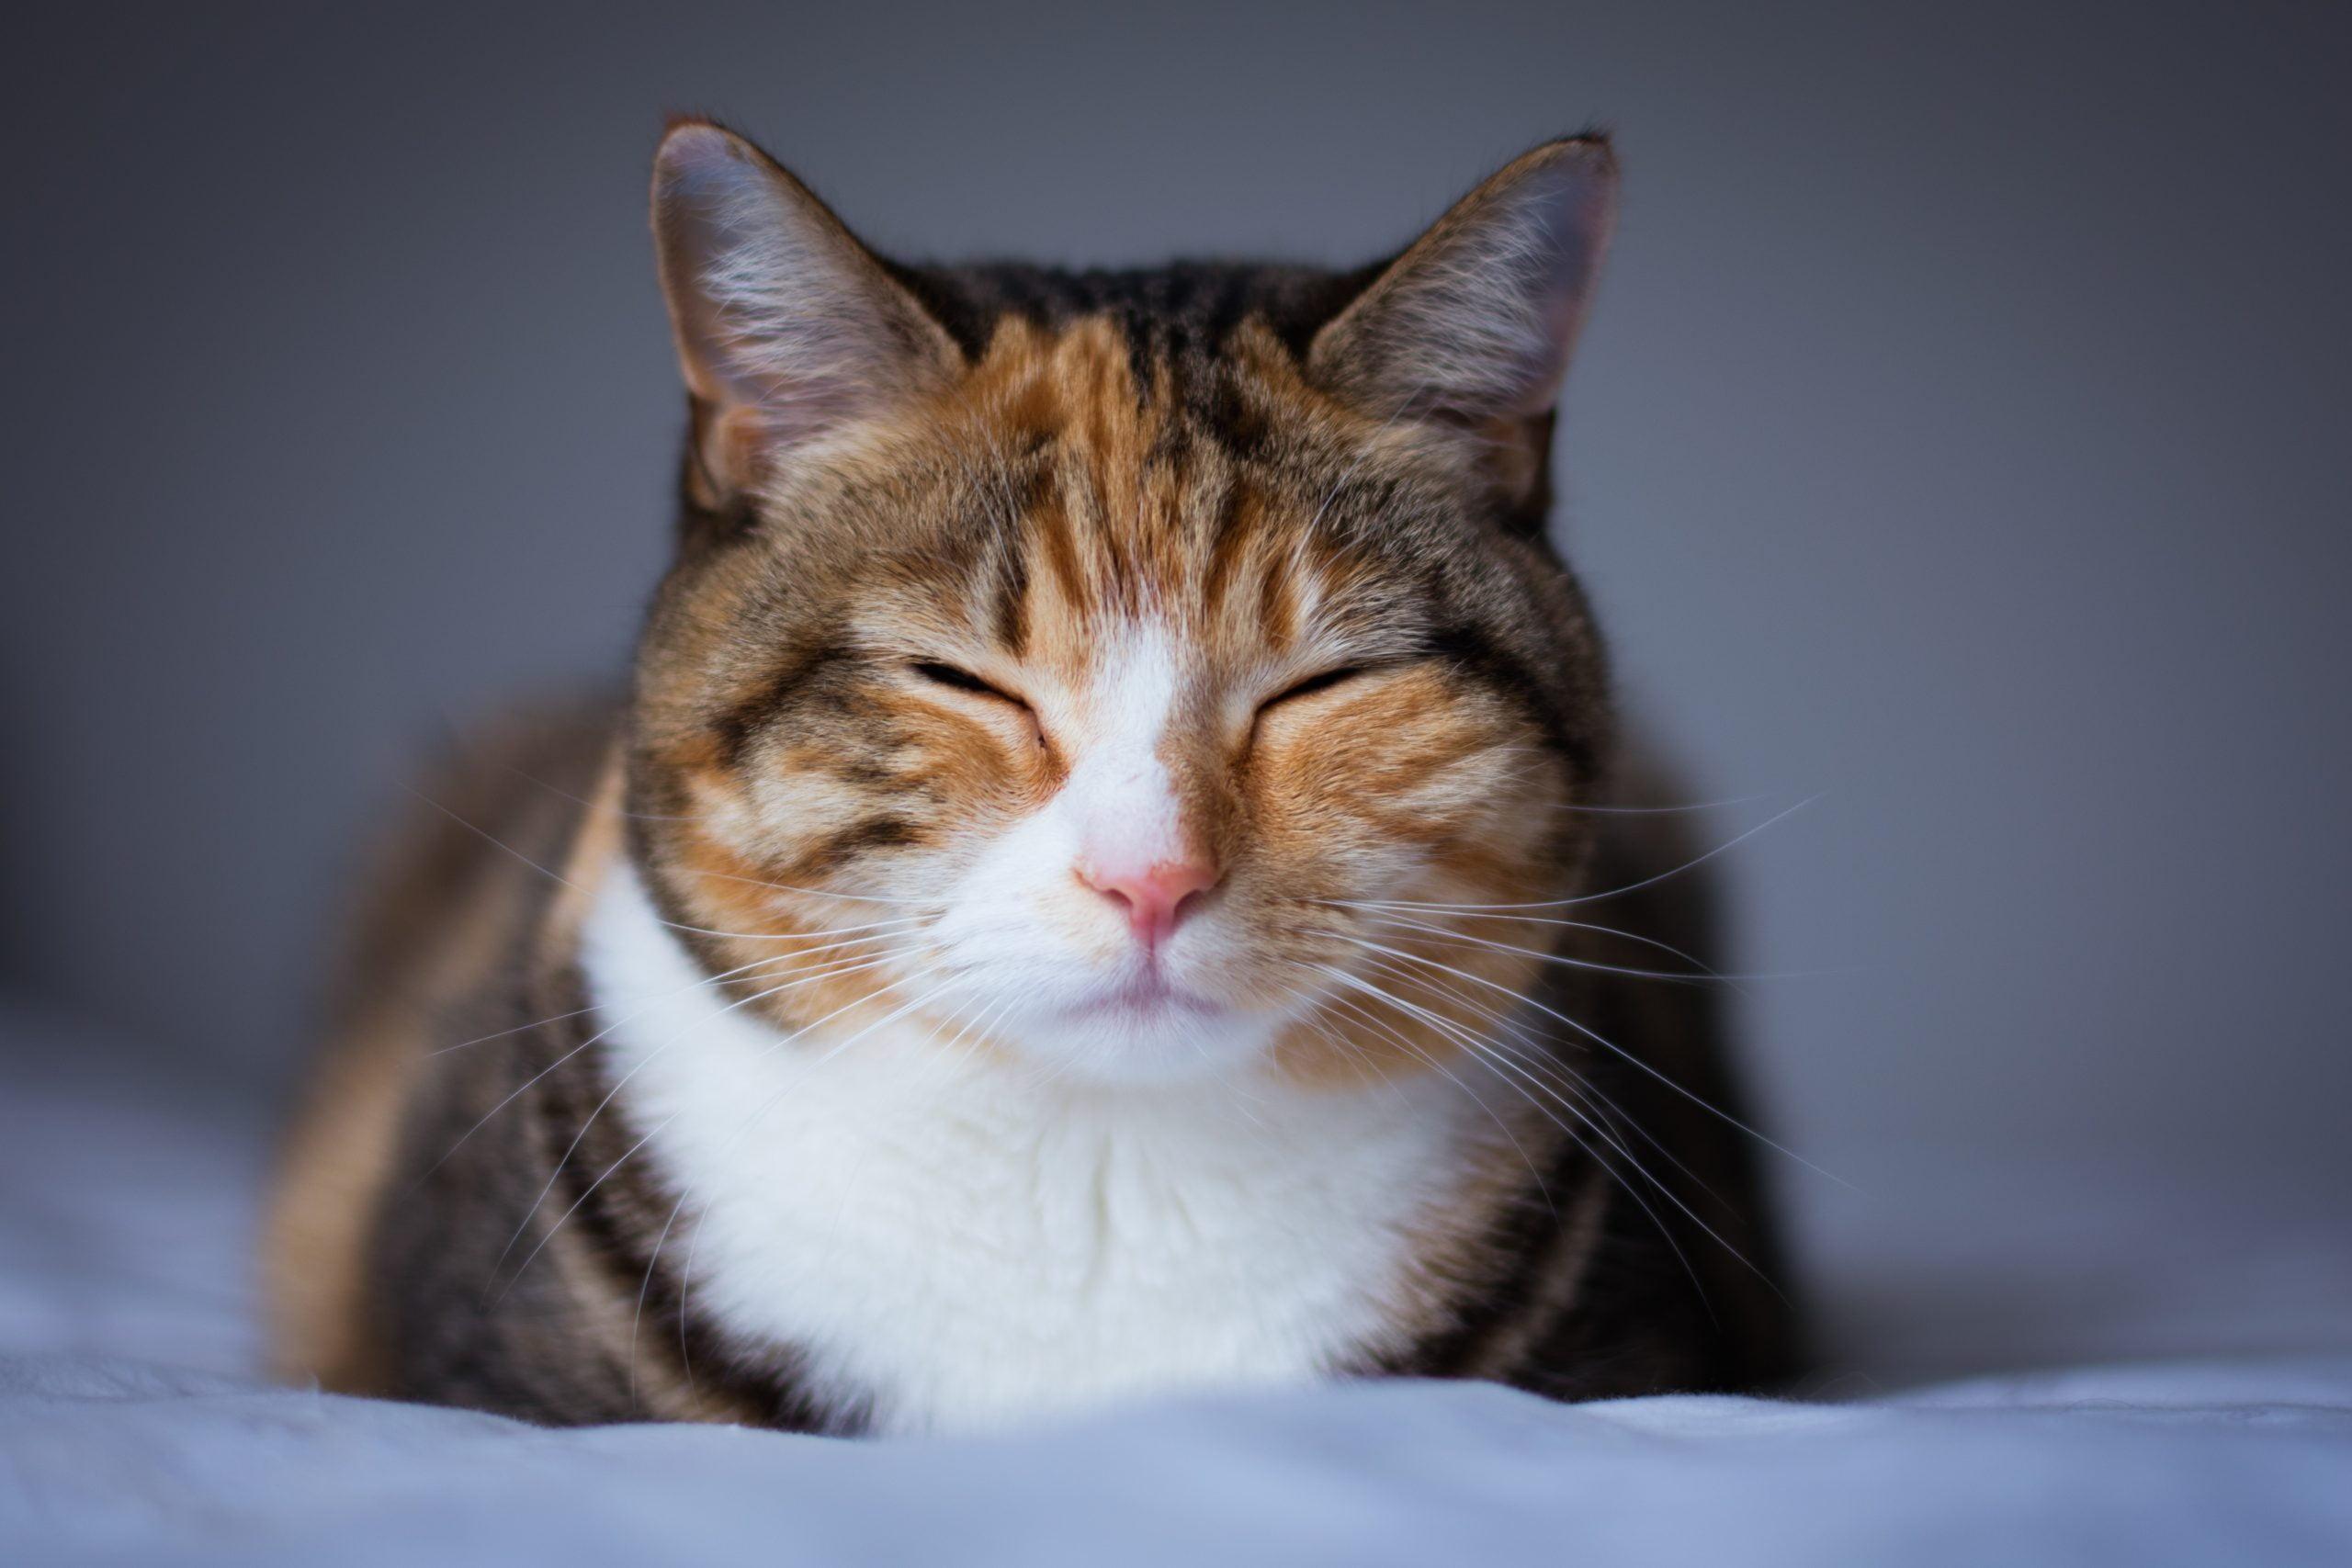 Infección del tracto urinario en gatos: 5 señales de que su gato tiene UTI 1